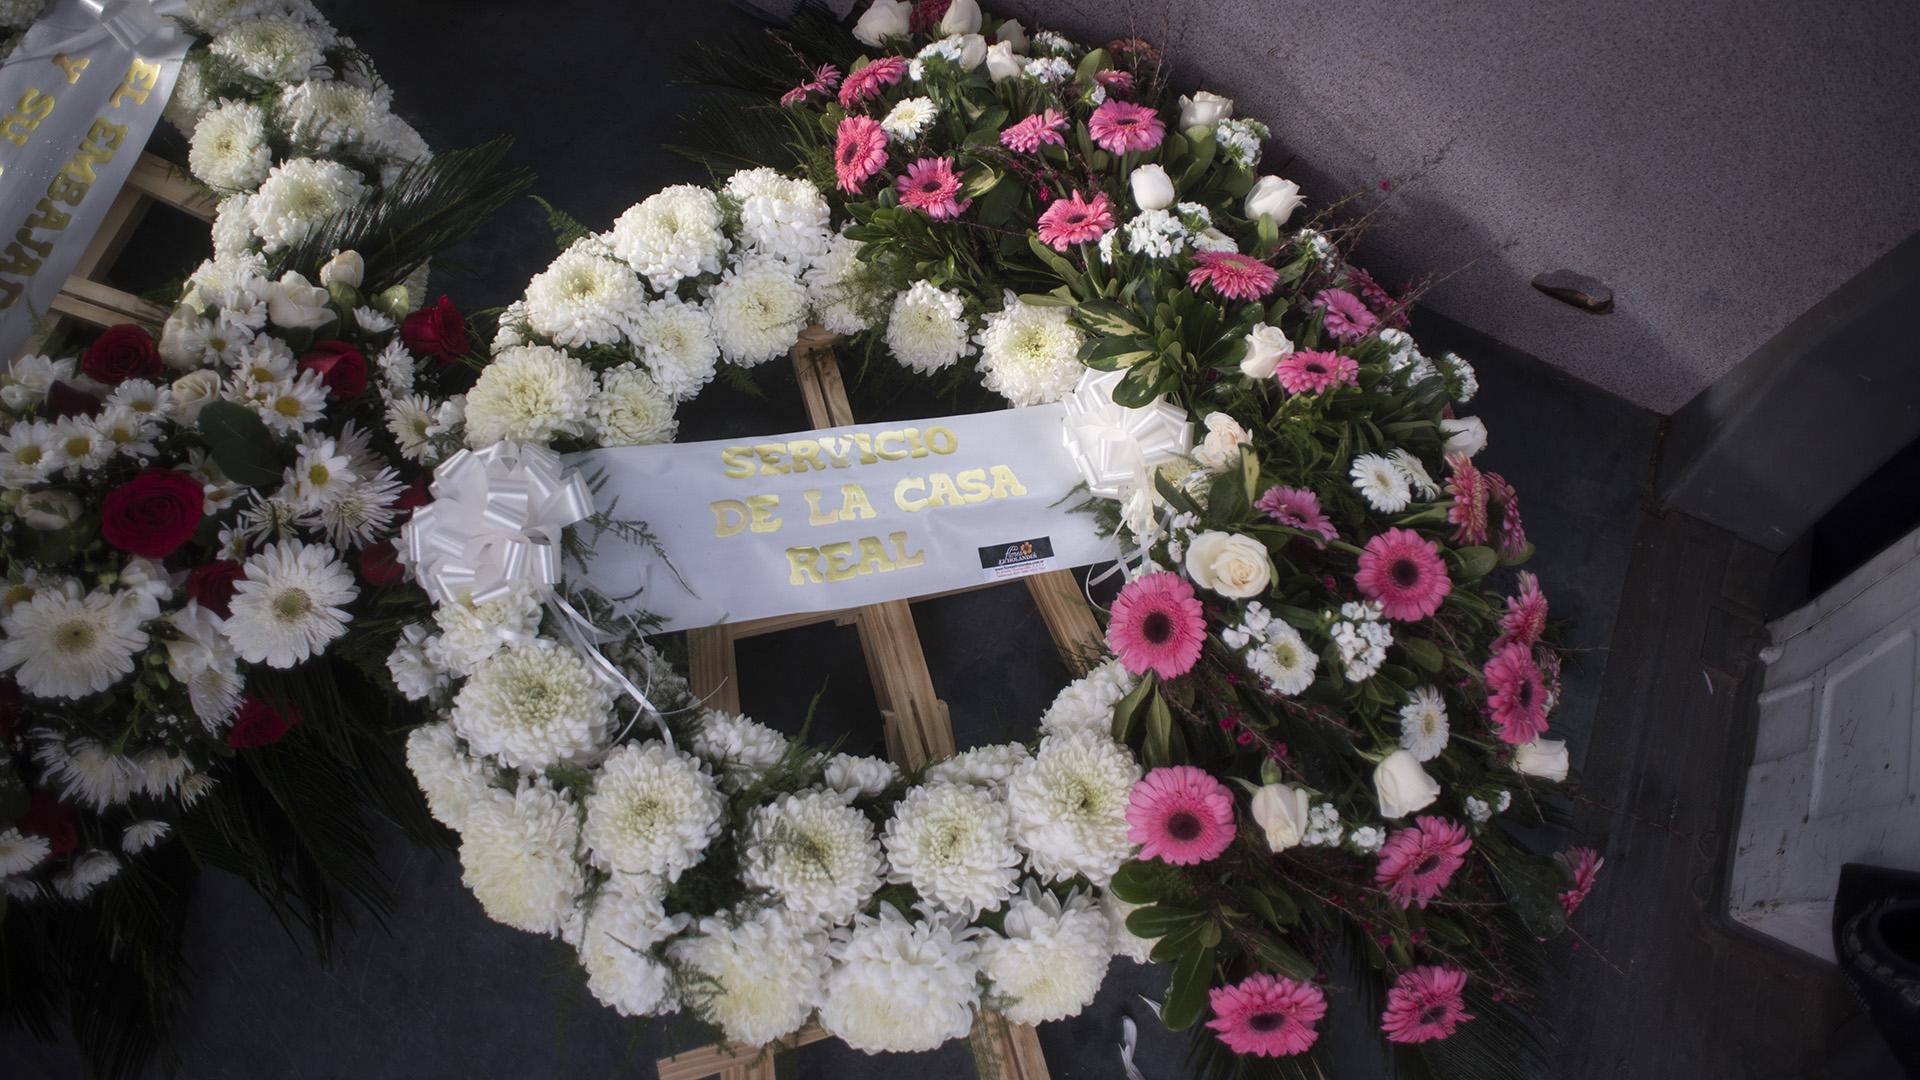 La Casa real de Holanda envió unas imponentes coronas de flores blancas y rosas para acompañar los restos de Jorge Zorreguieta.